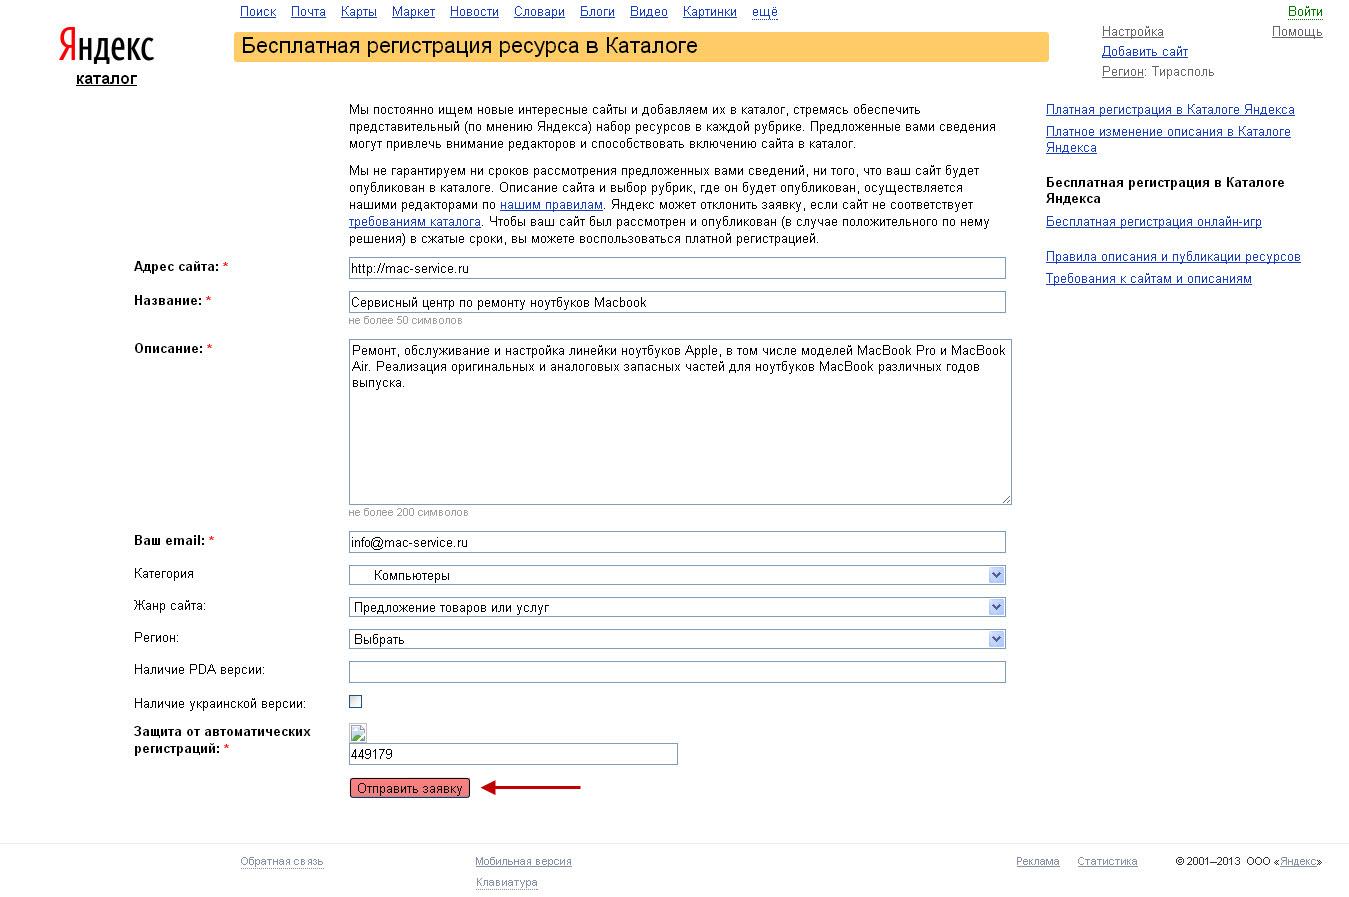 Регистрация в каталогах Калининград продвижение сайтов привлеките 100 целевой аудитории на корпоративный web-ресурс